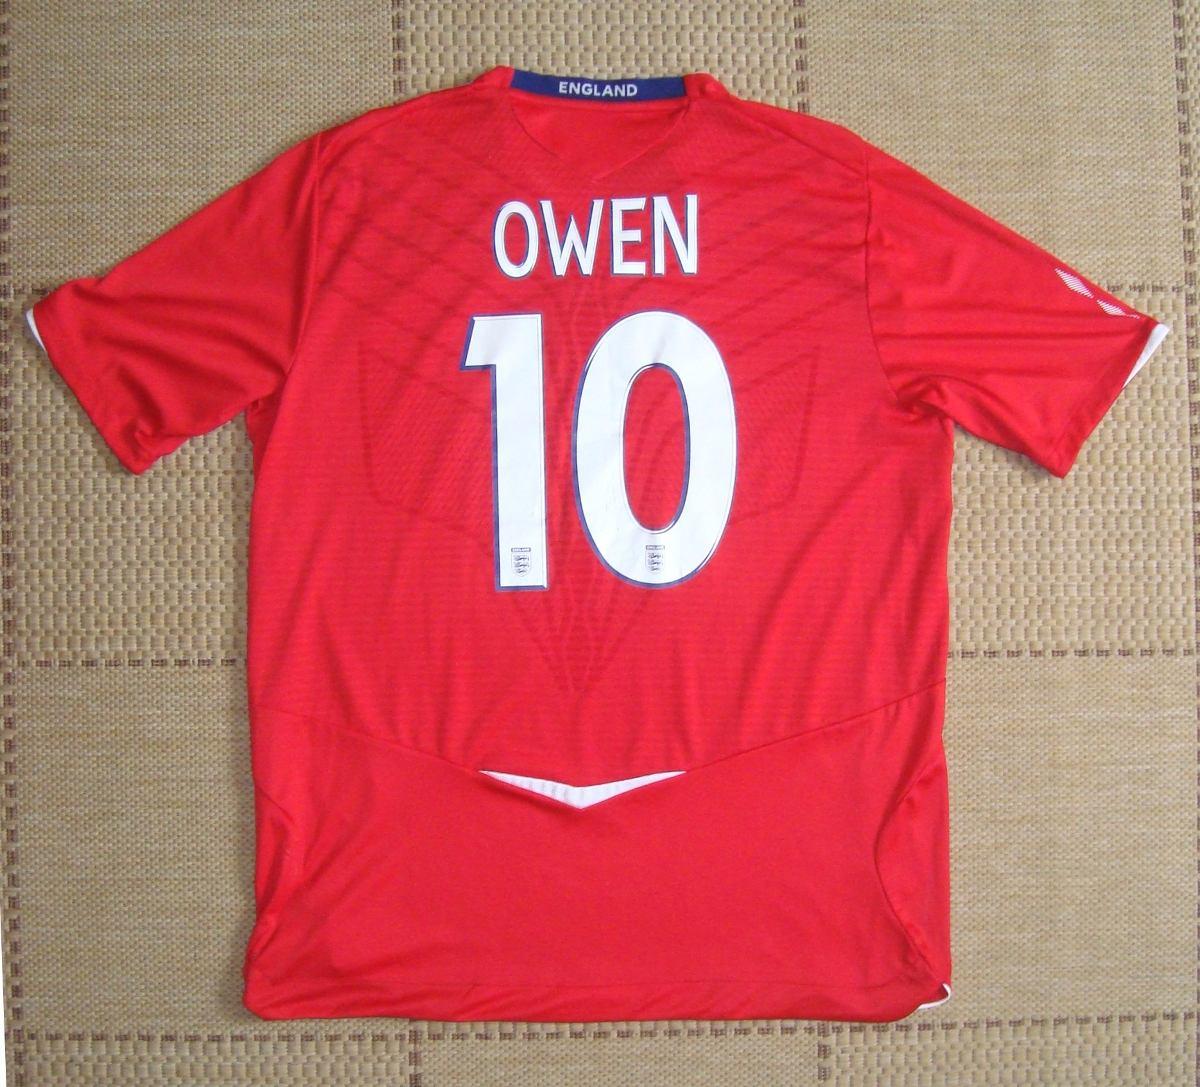 camisa original inglaterra 2008 2009 away  10 owen. Carregando zoom. dc5508e8b24fe